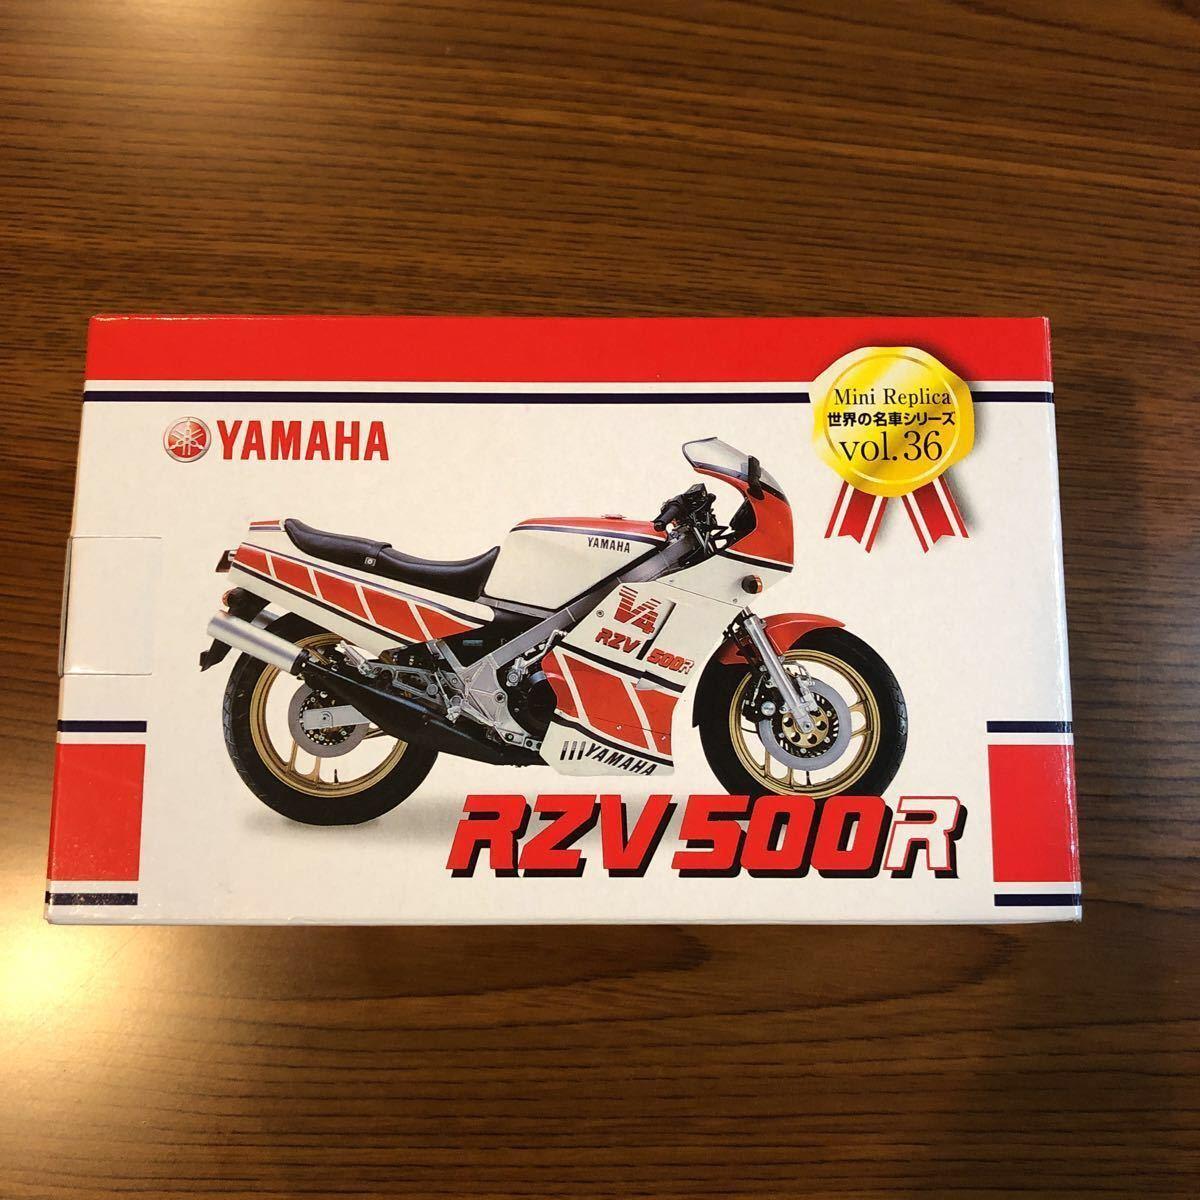 ■貴重品■YAMAHA RZV500R ヤマハ レッドバロン世界の名車シリーズ vol.36 RZV500R ヤマハ_画像4